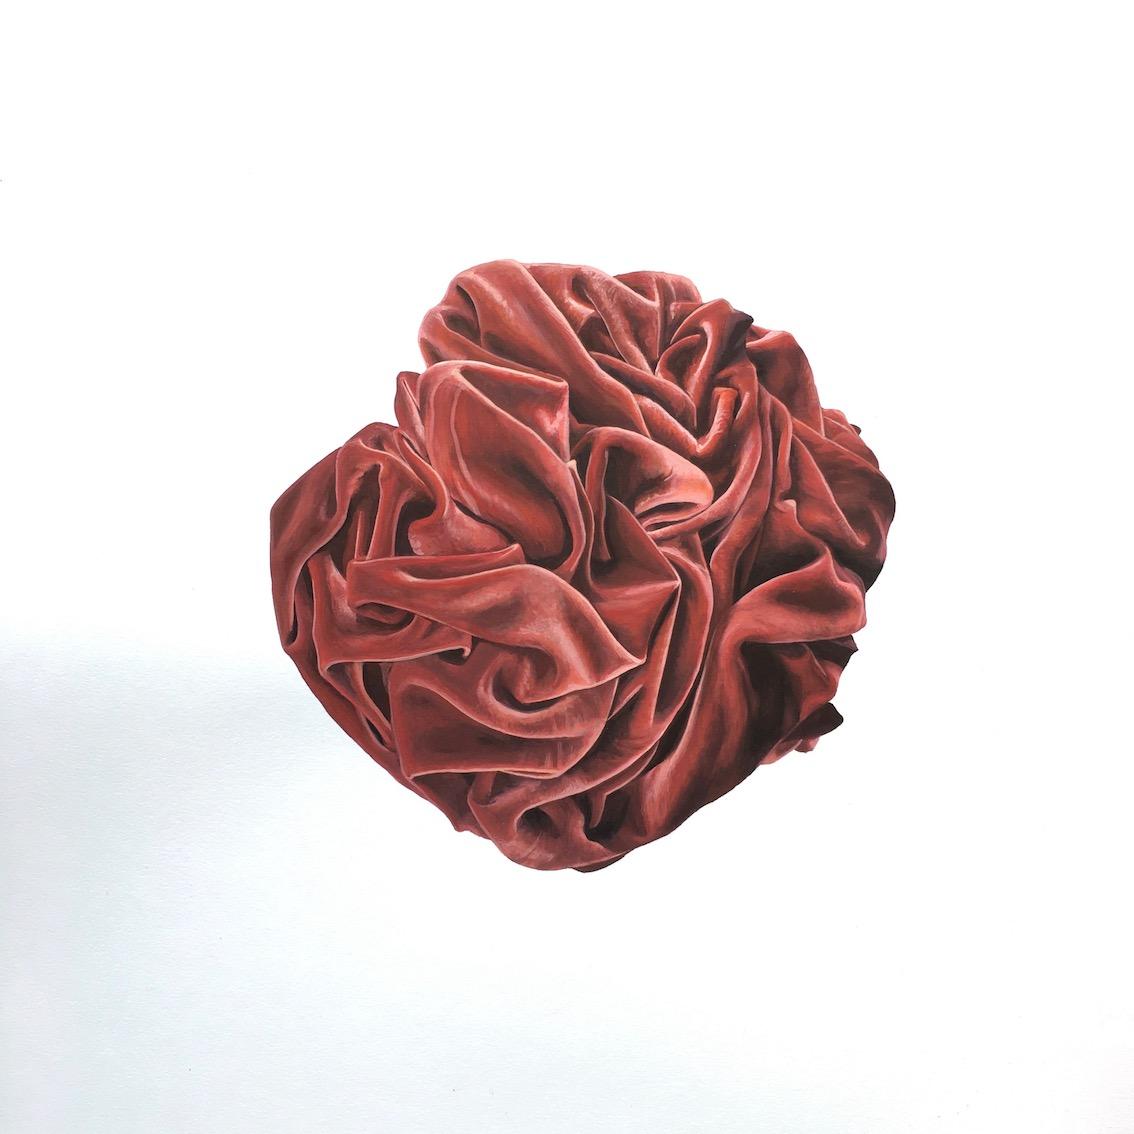 Velvet Rosette   Gouache on Paper  14 x 17 inches $850.